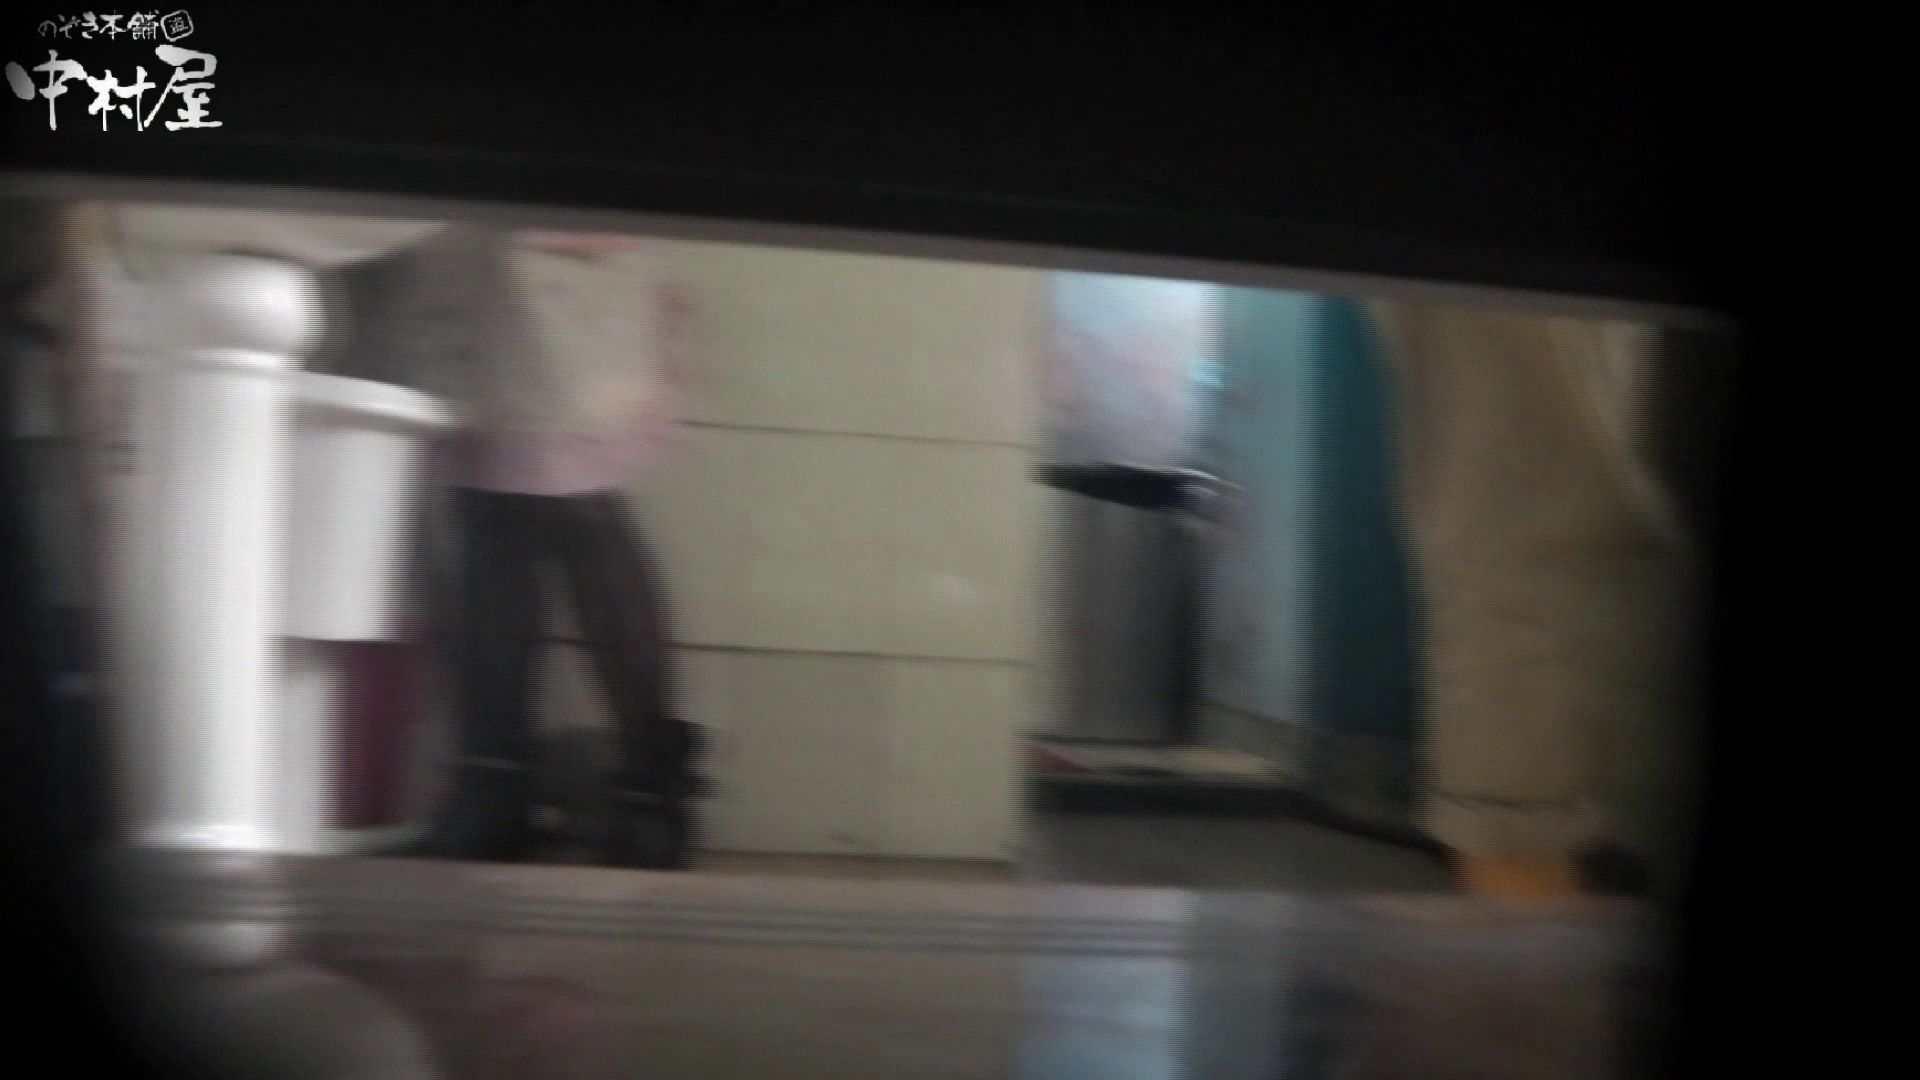 【世界の射窓から~ステーション編~】ステーション編 vol49 大がいっぱいモリモリ、ピリピリ後編 盗撮シリーズ   おまんこ見放題  92PIX 91